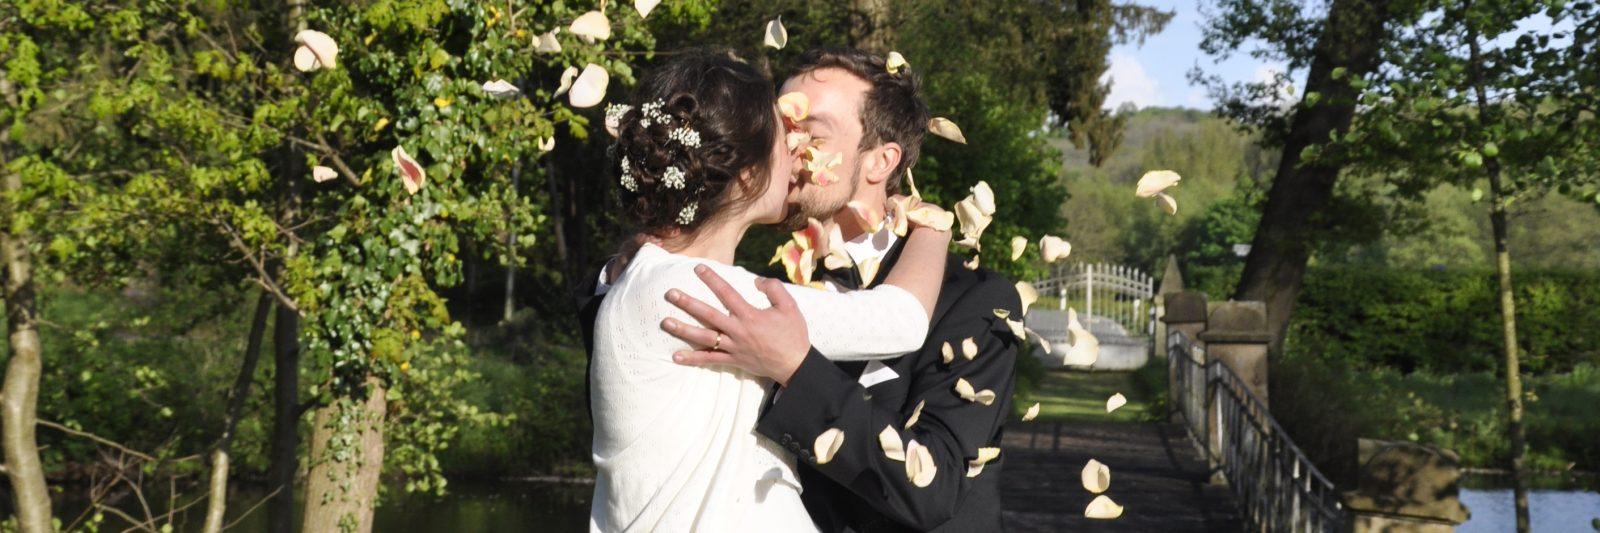 Hochzeit_Paar in Rosen